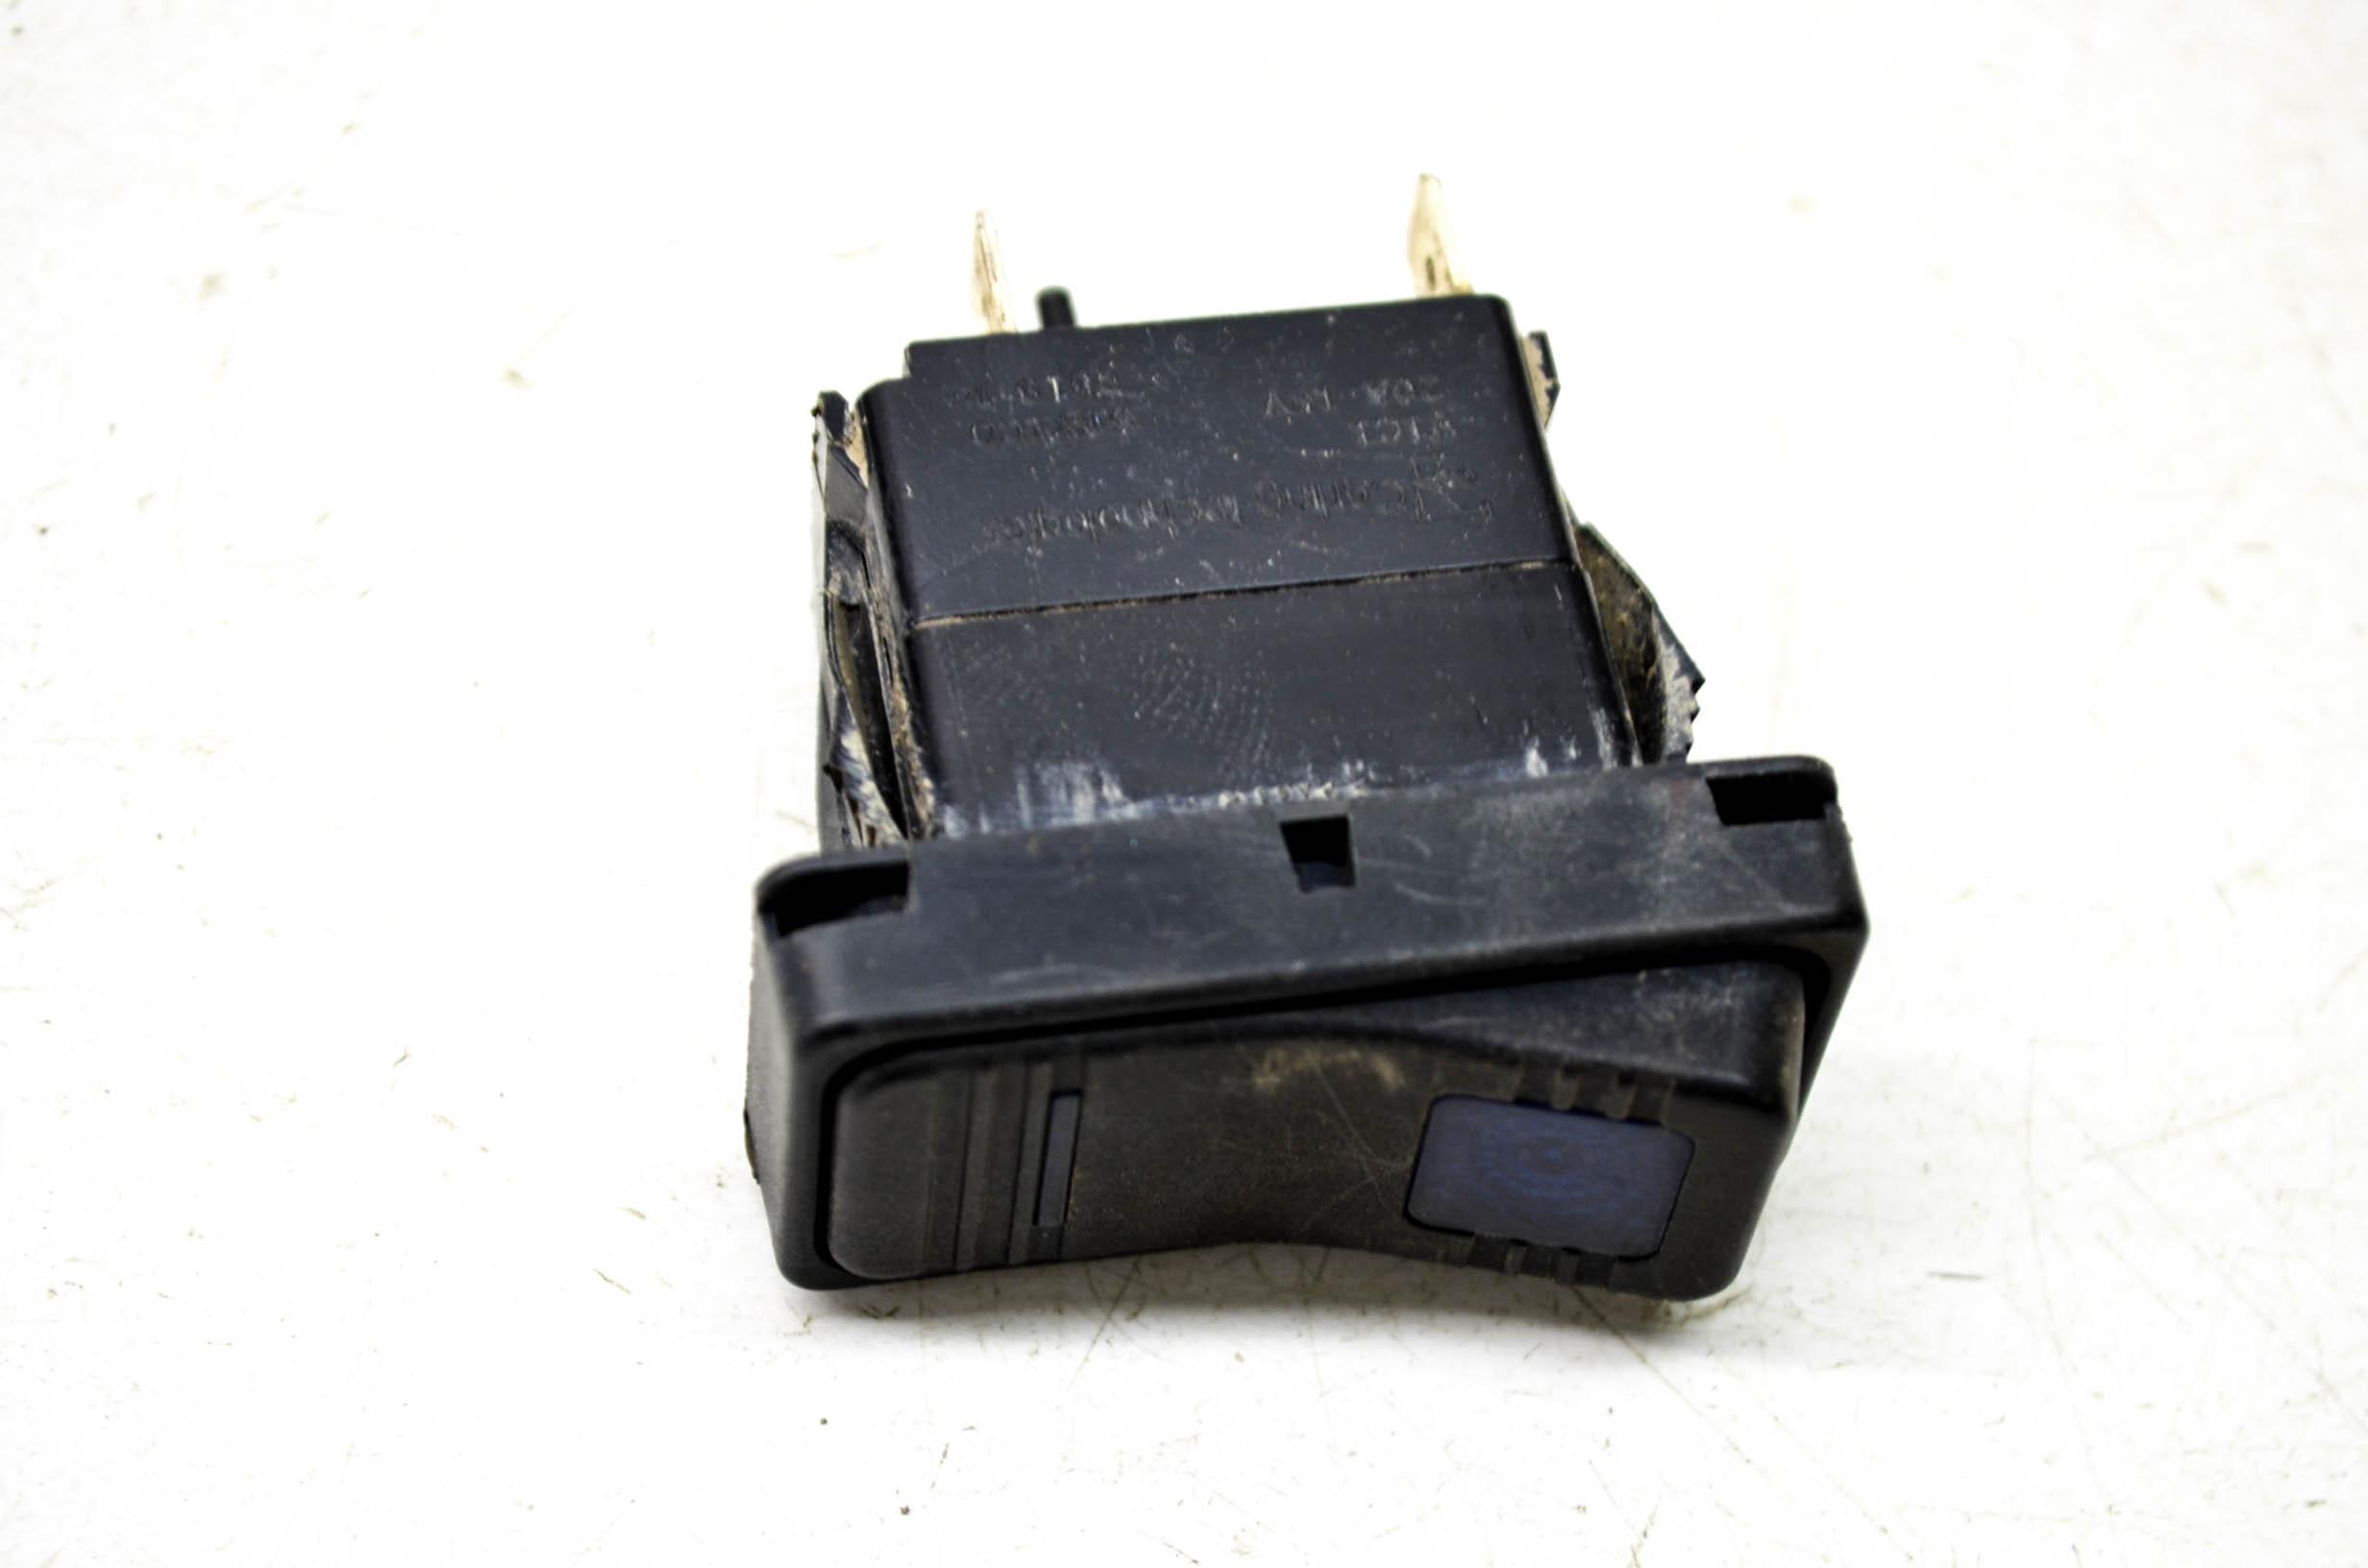 08 Polaris RZR 800 4x4 Work Light Switch | eBay